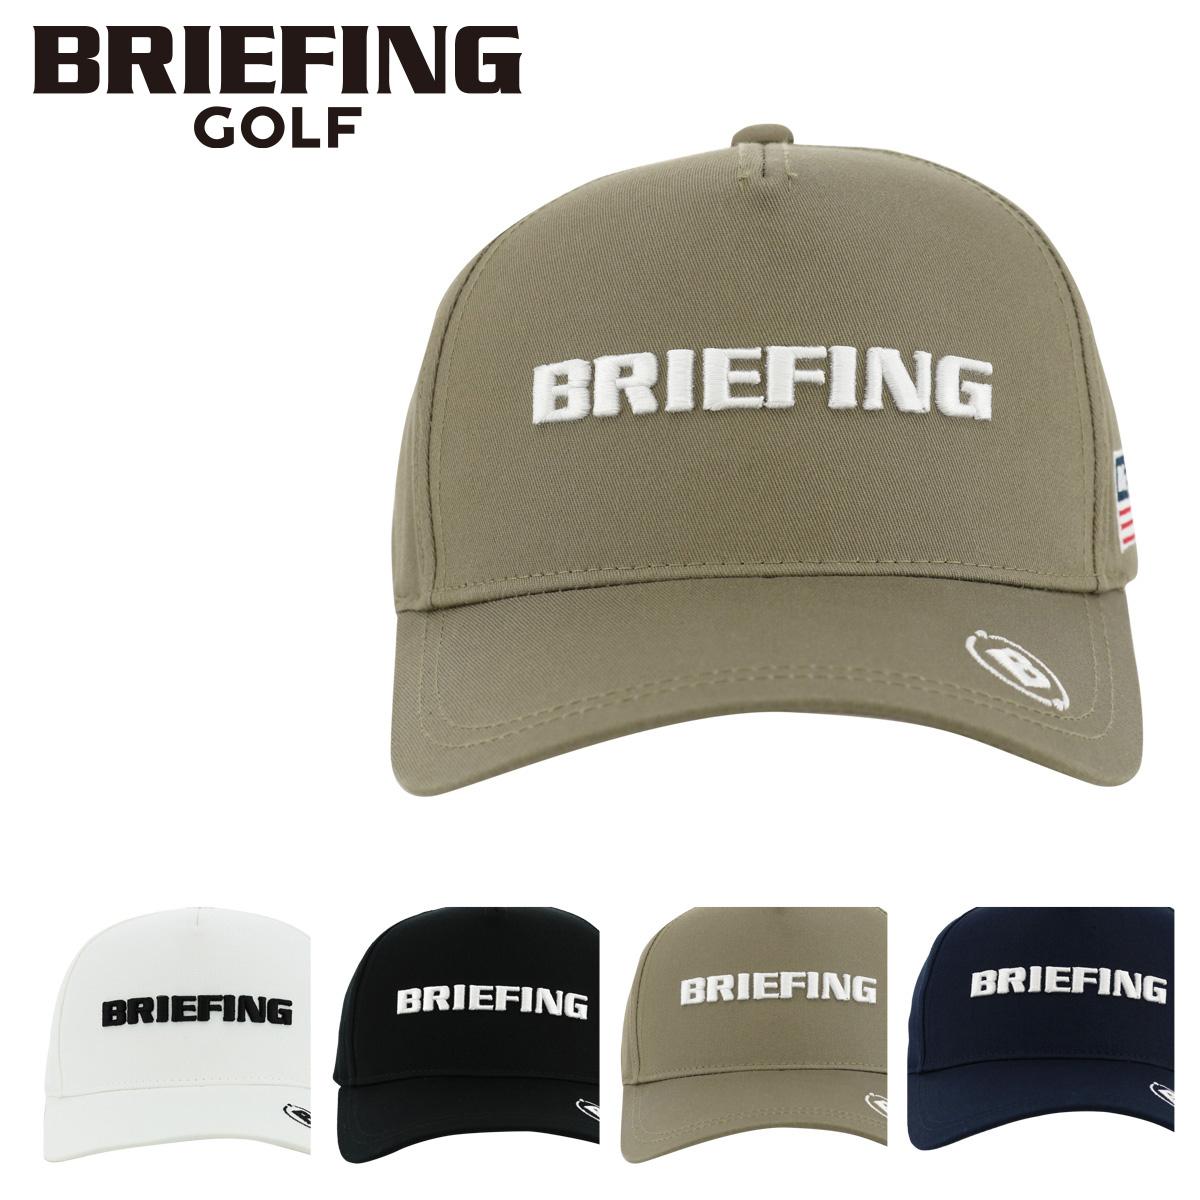 送料無料 あす楽 ブリーフィング ゴルフ キャップ 有名な サイズ調整可能 メンズ BRG203M39 bef 即日発送 BASIC BRIEFING 帽子 PO10 [正規販売店] CAP MENS